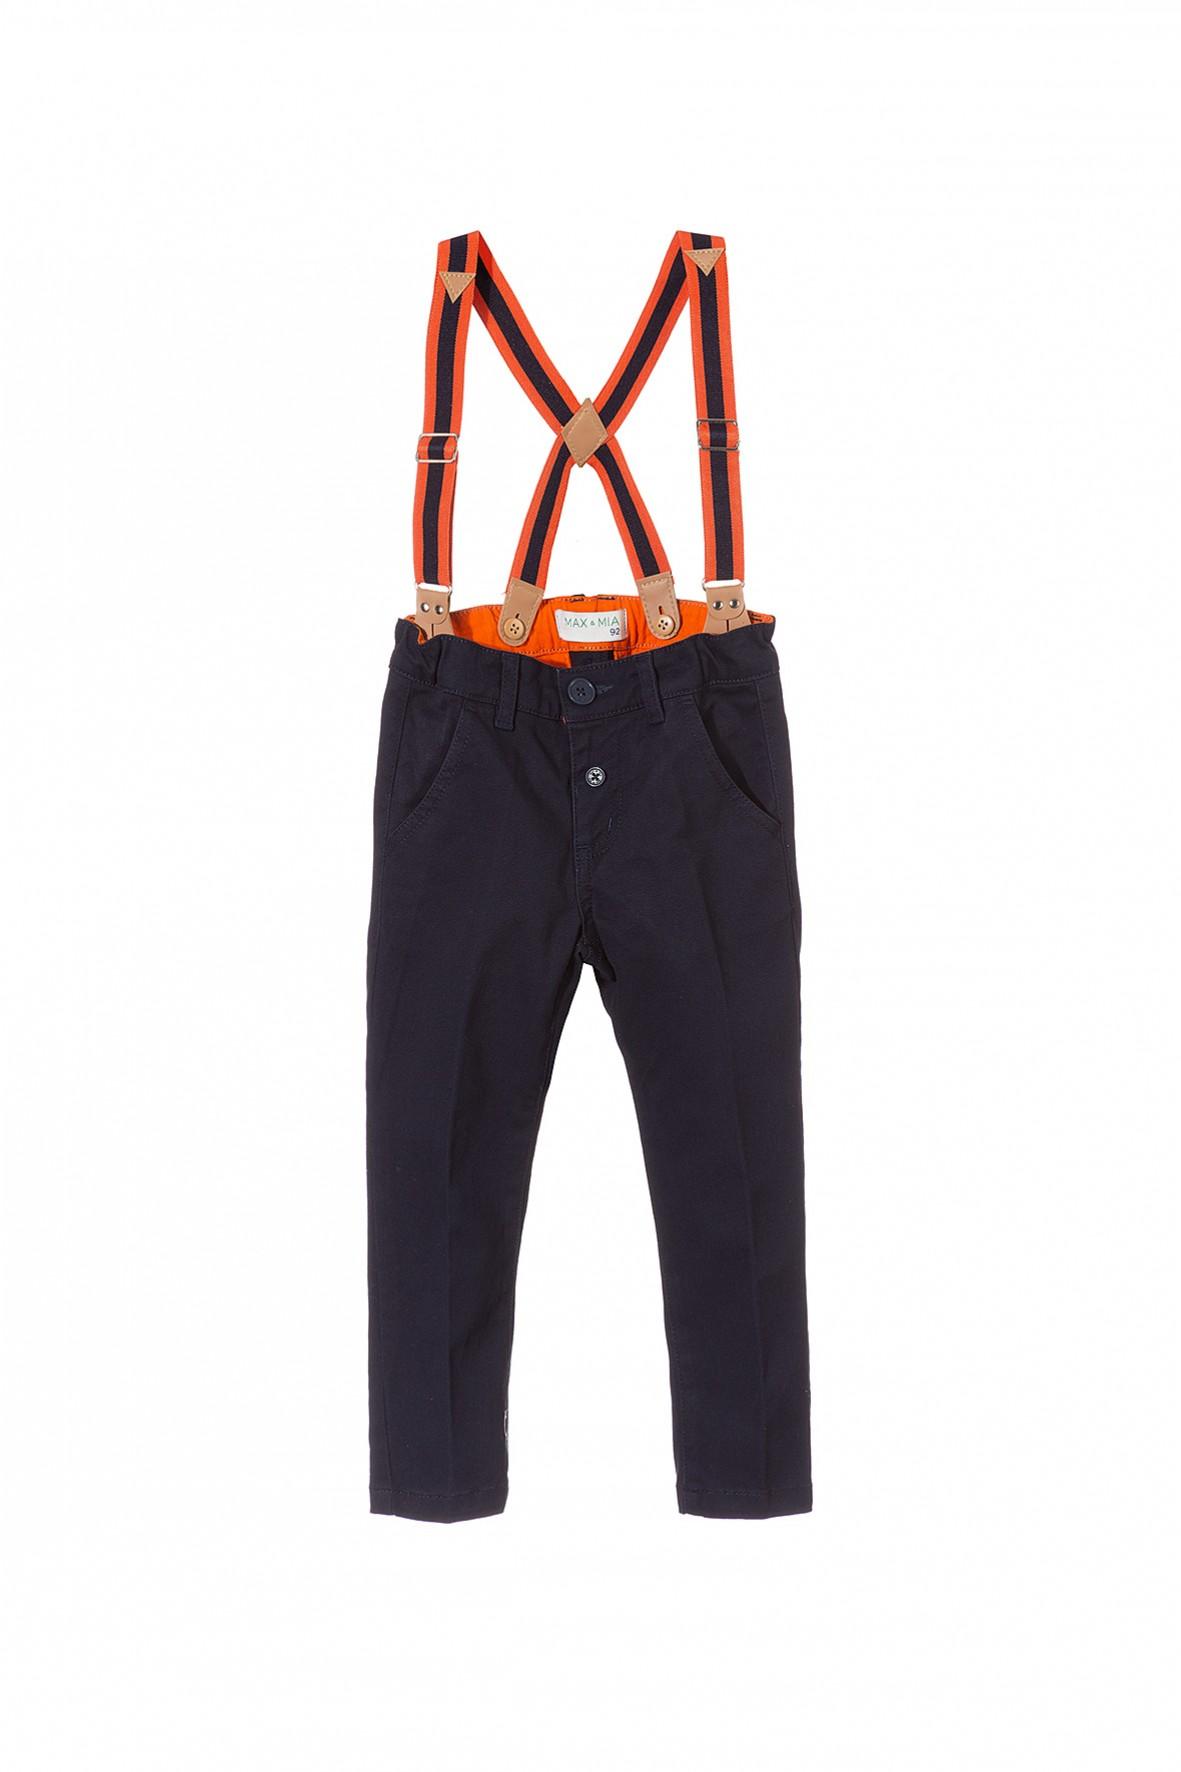 Spodnie chłopięce z szelkami 1L3512